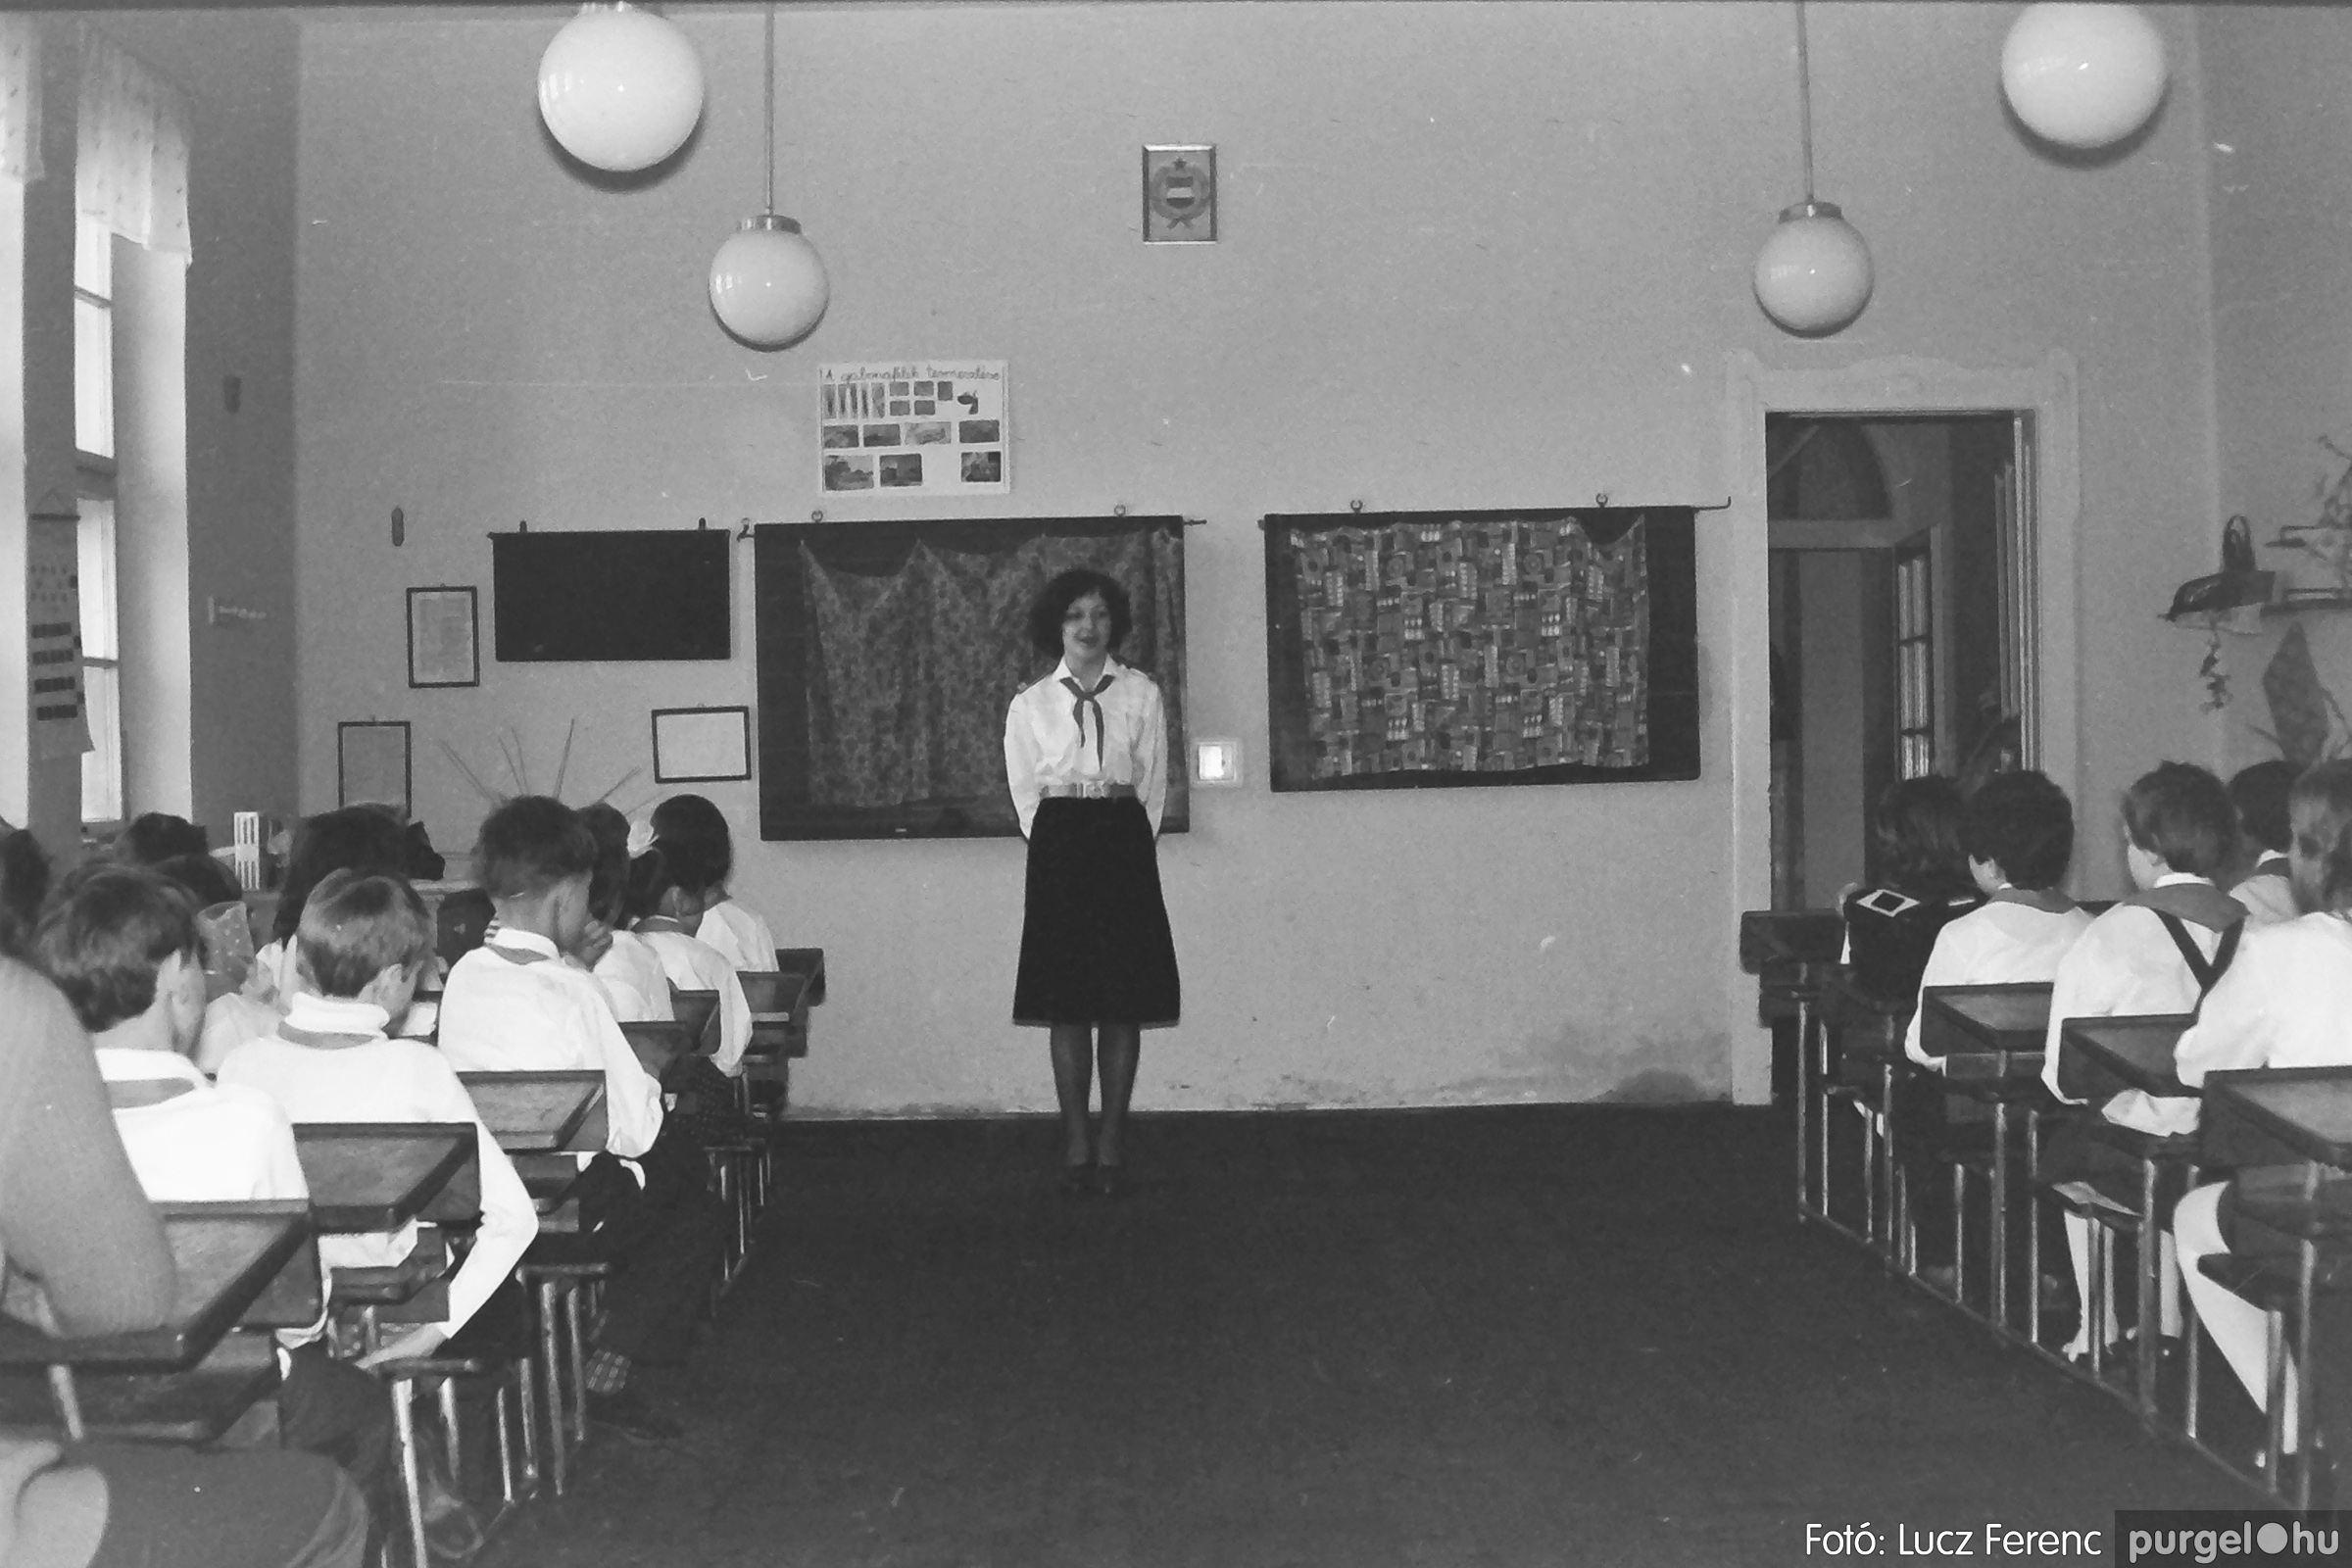 042-043. 1976. Program az újfalusi iskolában 011. - Fotó: Lucz Ferenc - IMG00287q.jpg